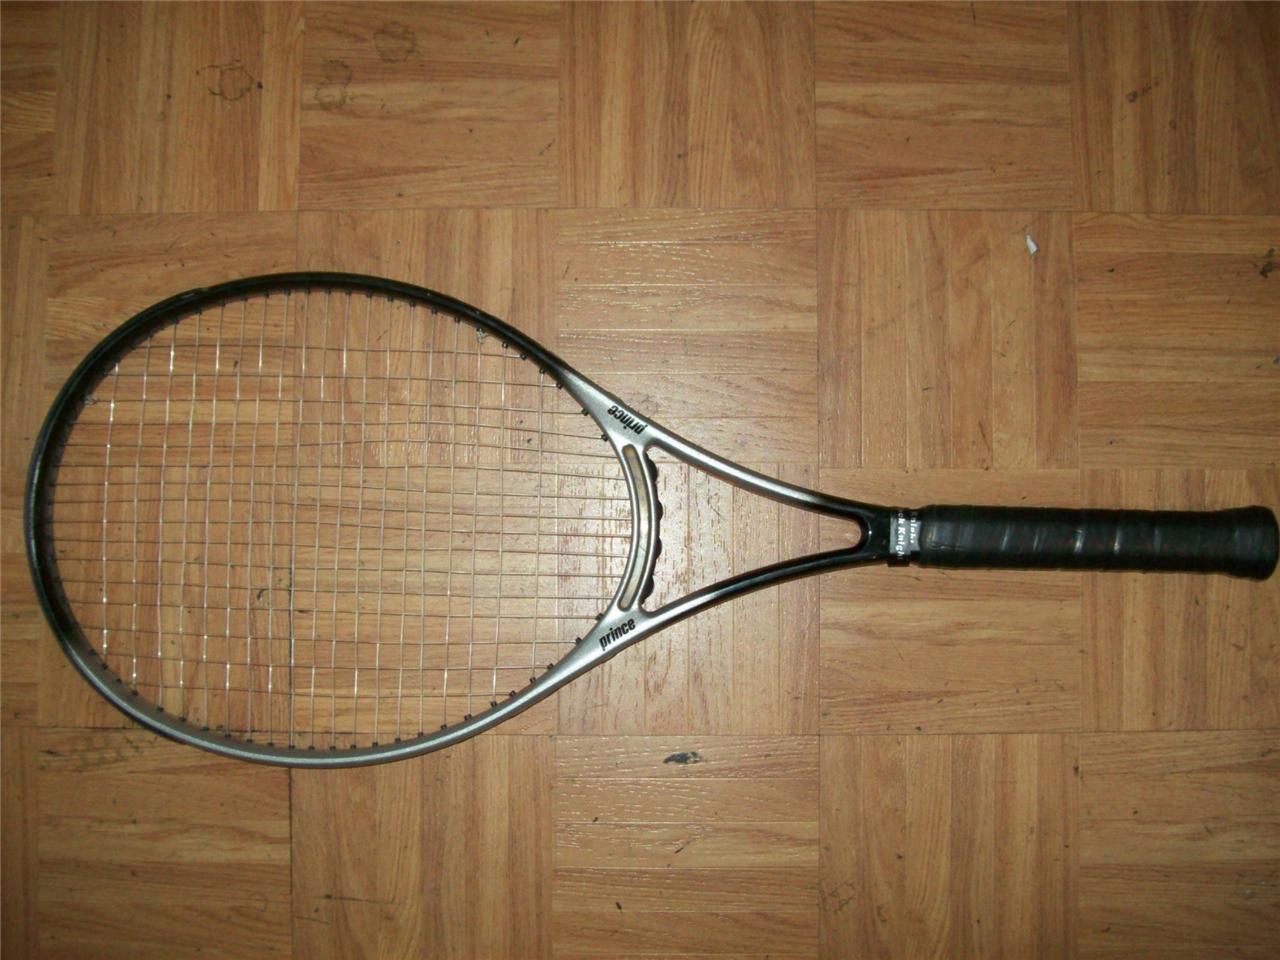 Prince LongBody Precision 770 OS 108 4 3 8 Tennis Racquet